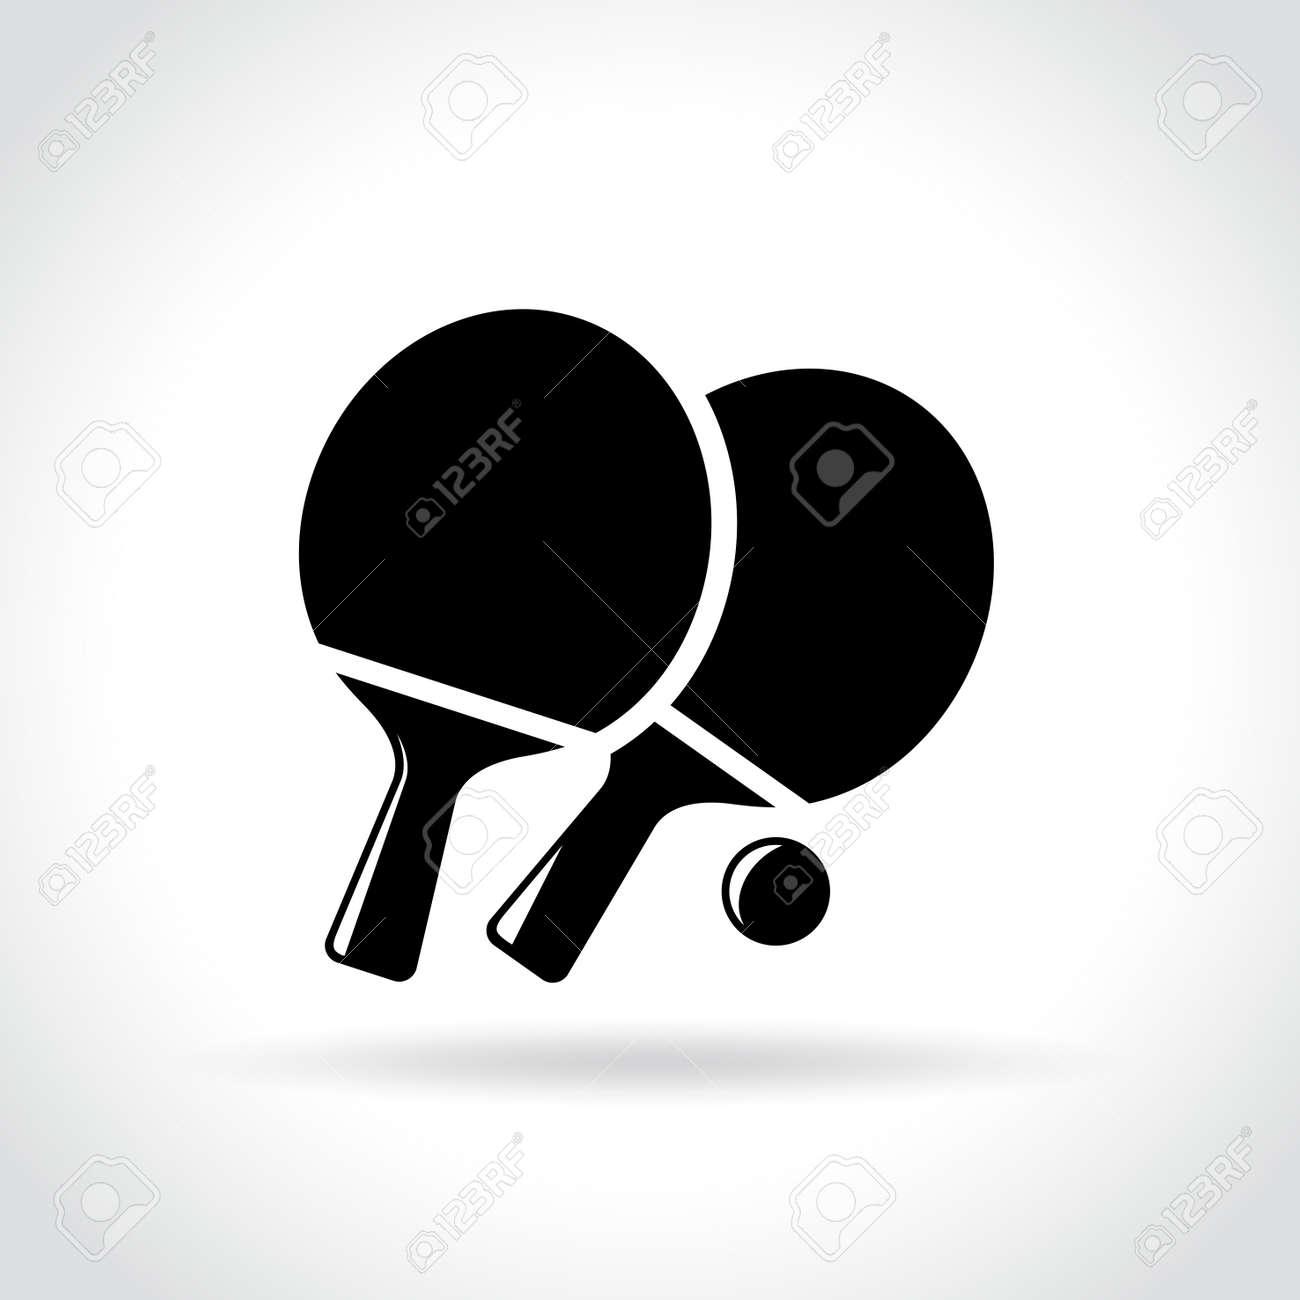 Ilustración Del Icono De Ping Pong En El Fondo Blanco Ilustraciones ...